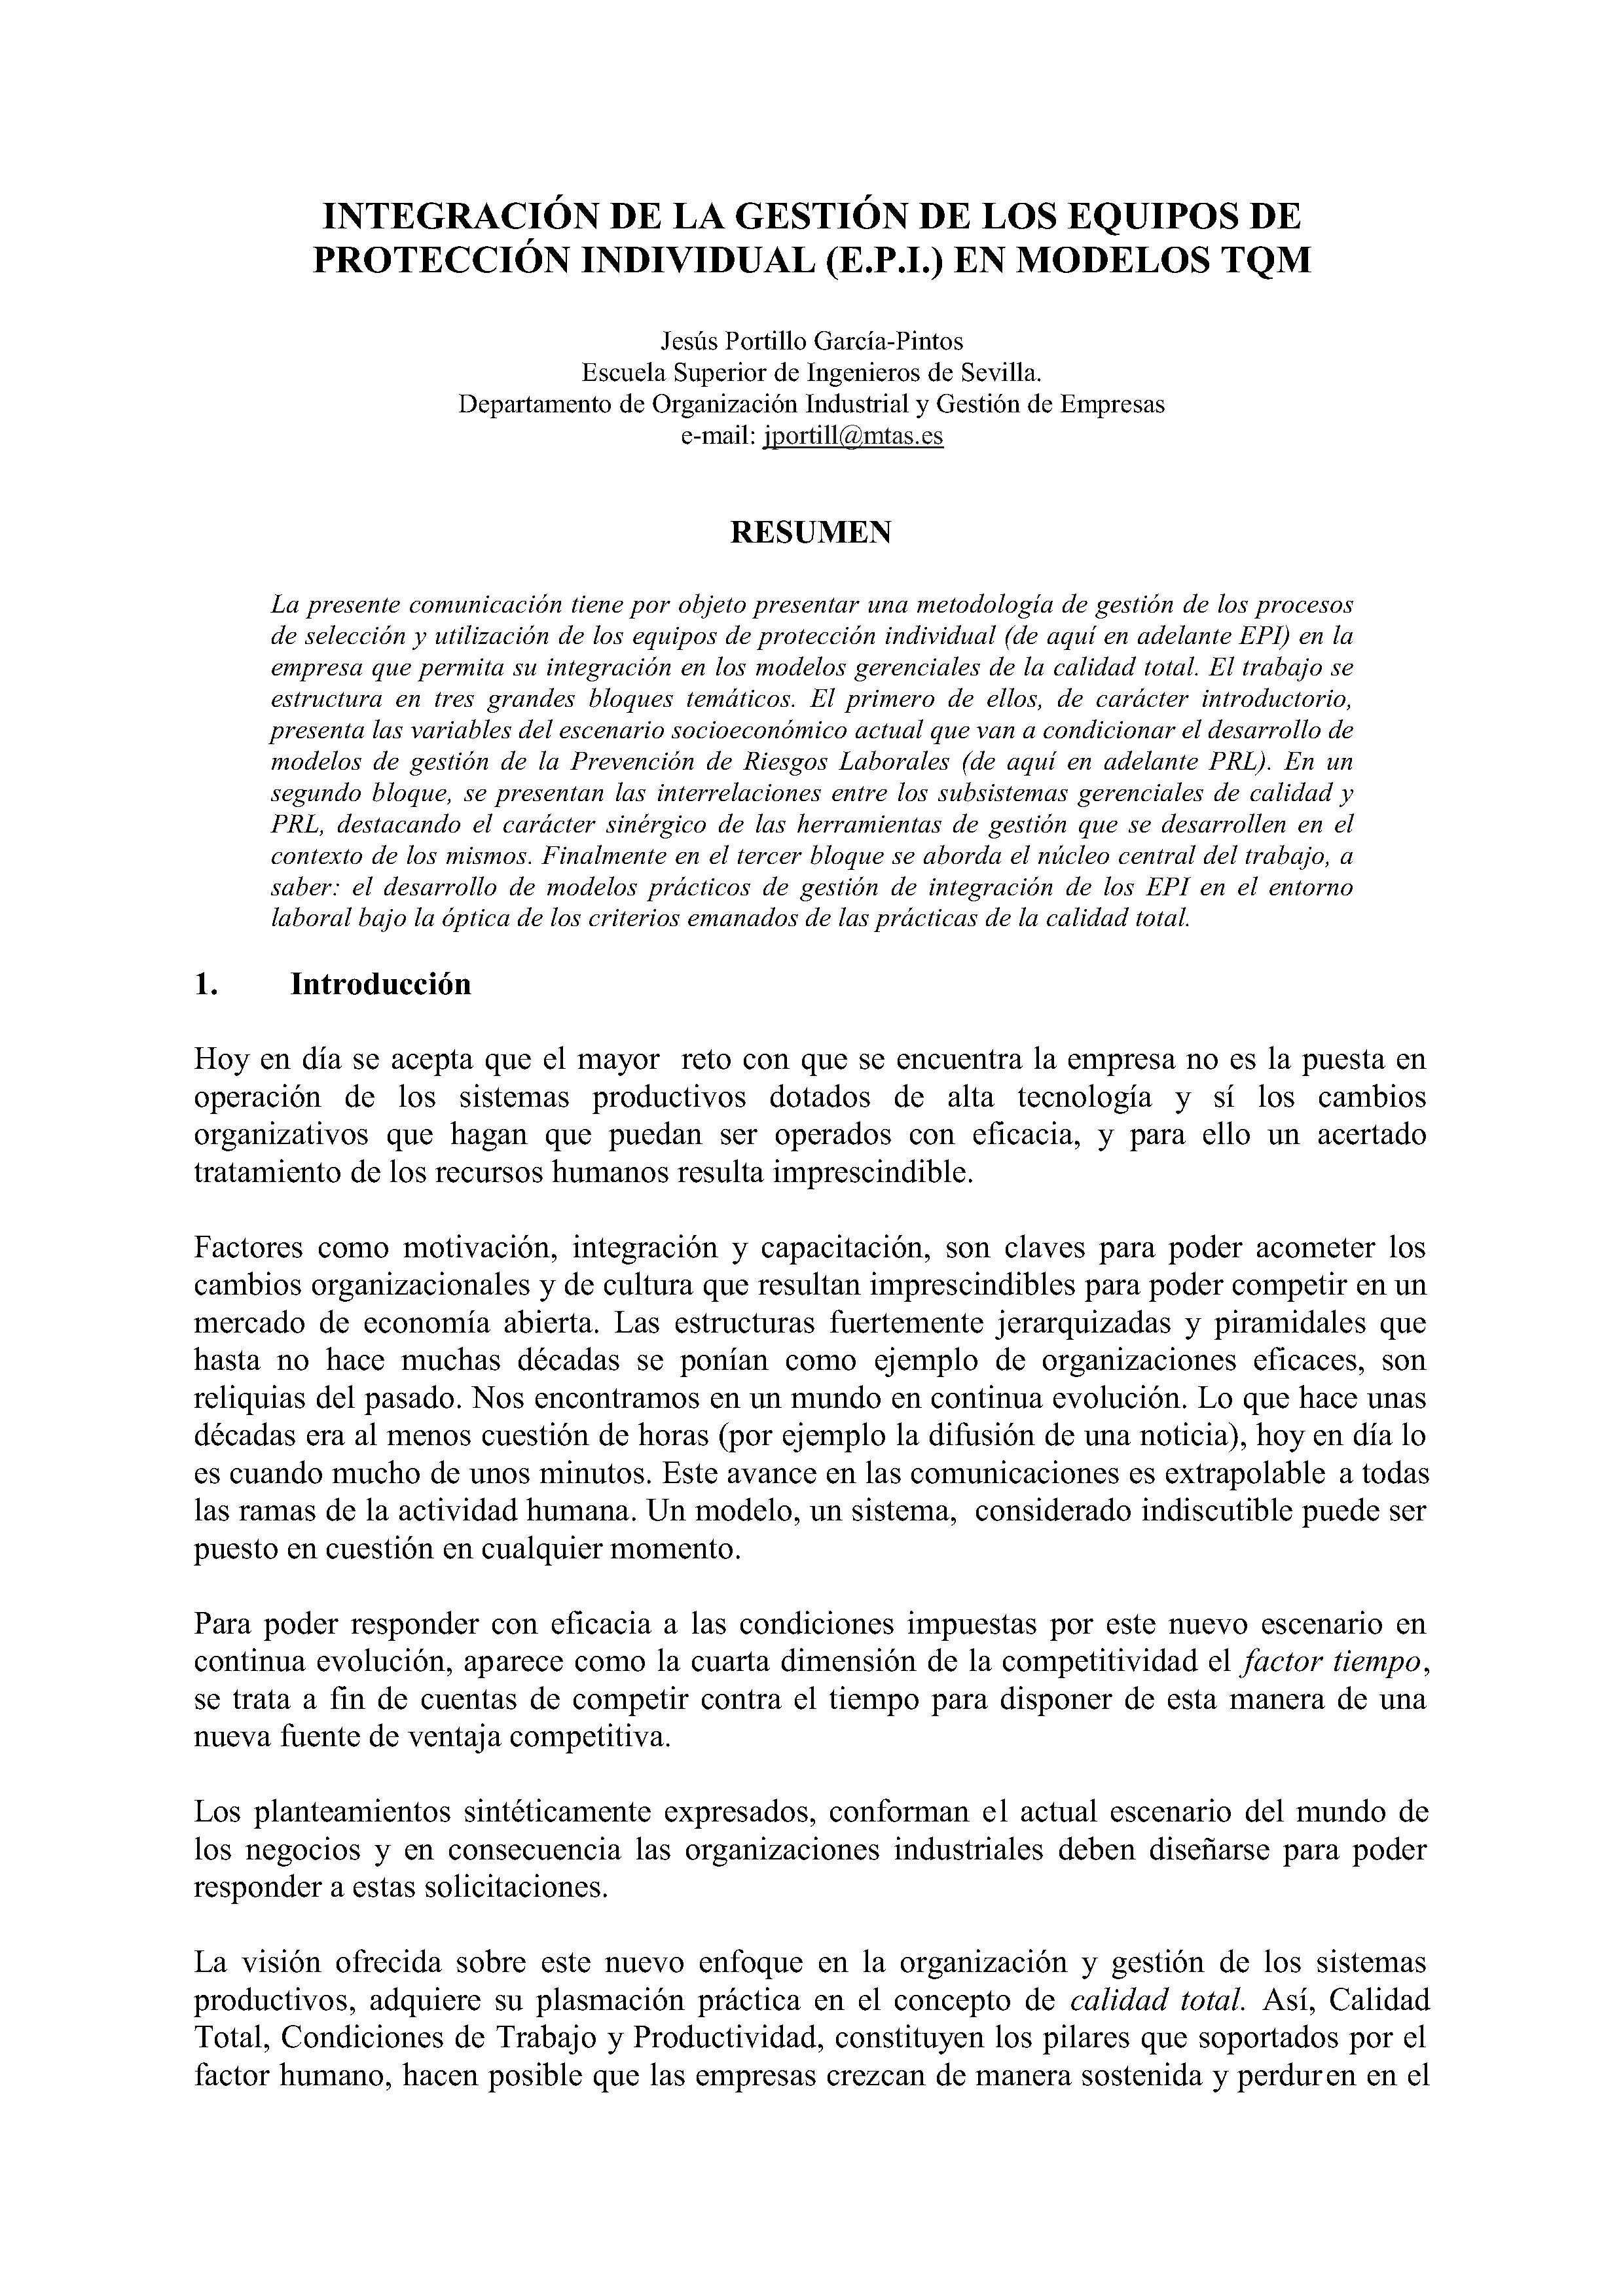 INTEGRACIÓN DE LA GESTIÓN DE LOS EQUIPOS DE PROTECCION INDIVIDUAL (E.P.I.) EN MODELOS TQM